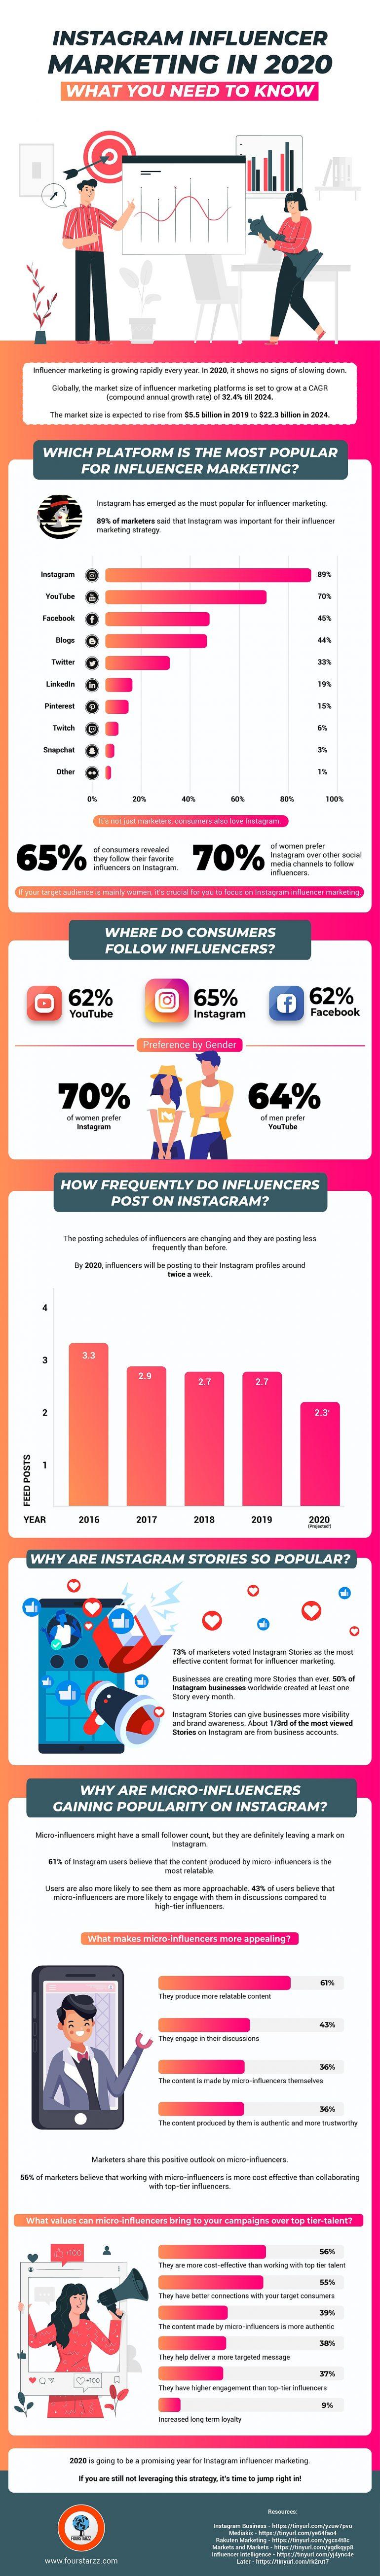 Influencer marketing op instagram in 2020.